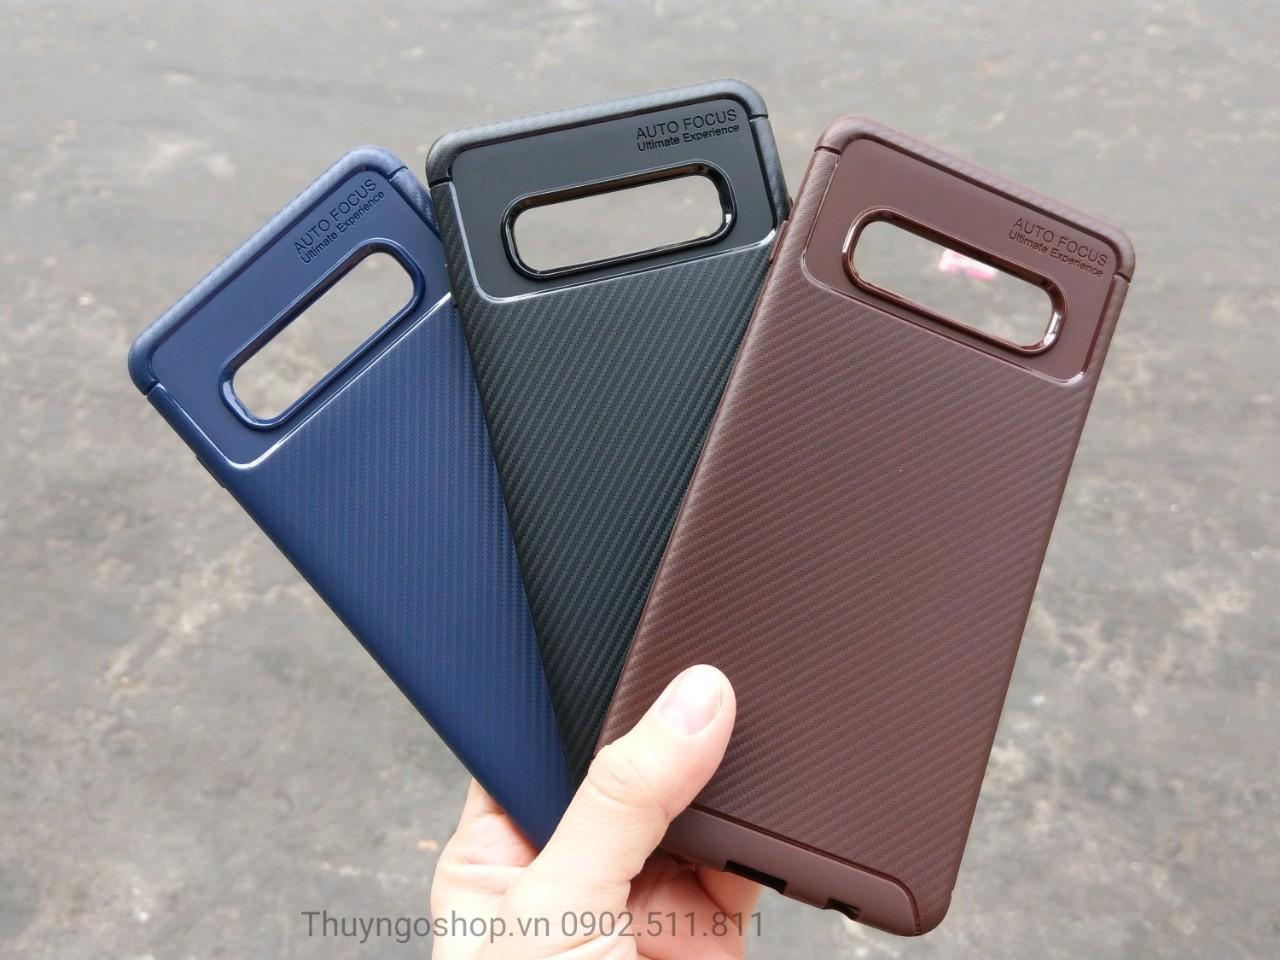 Samsung S10/S10plus/S10e Ốp Lưng Chống Sốc Carbon